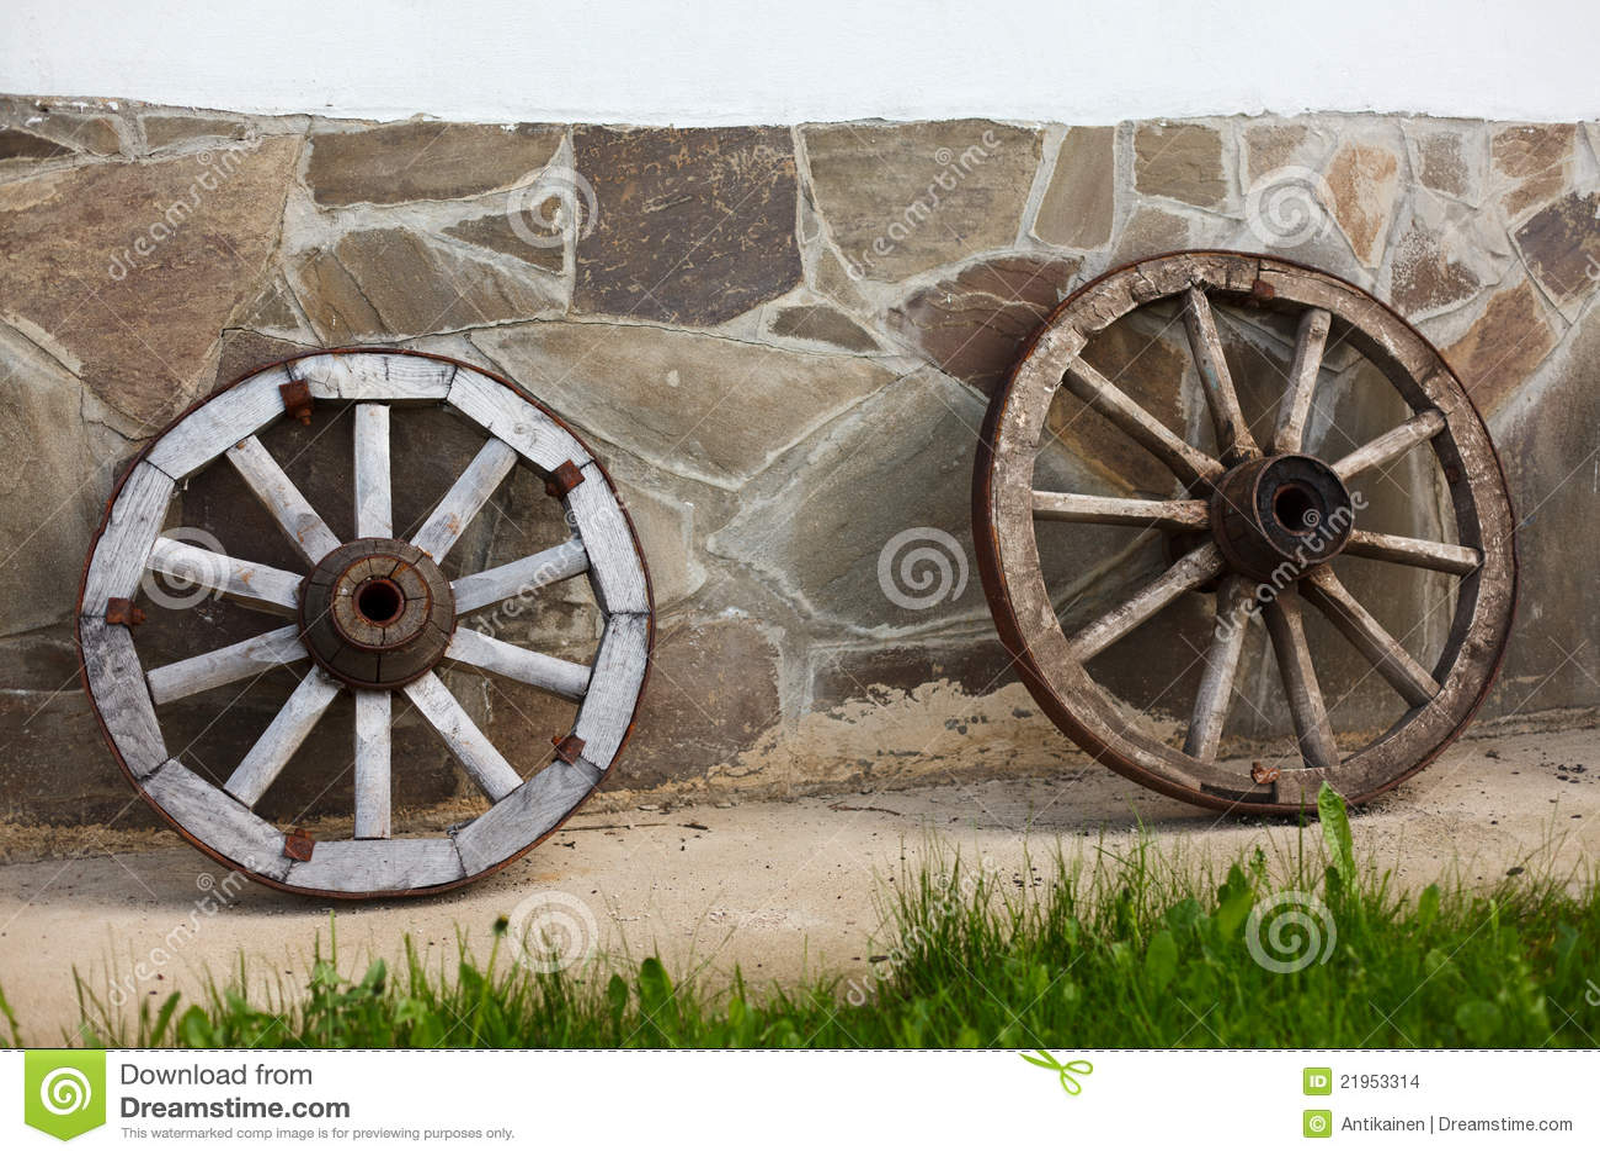 Old Fashioned Wagon Wheels